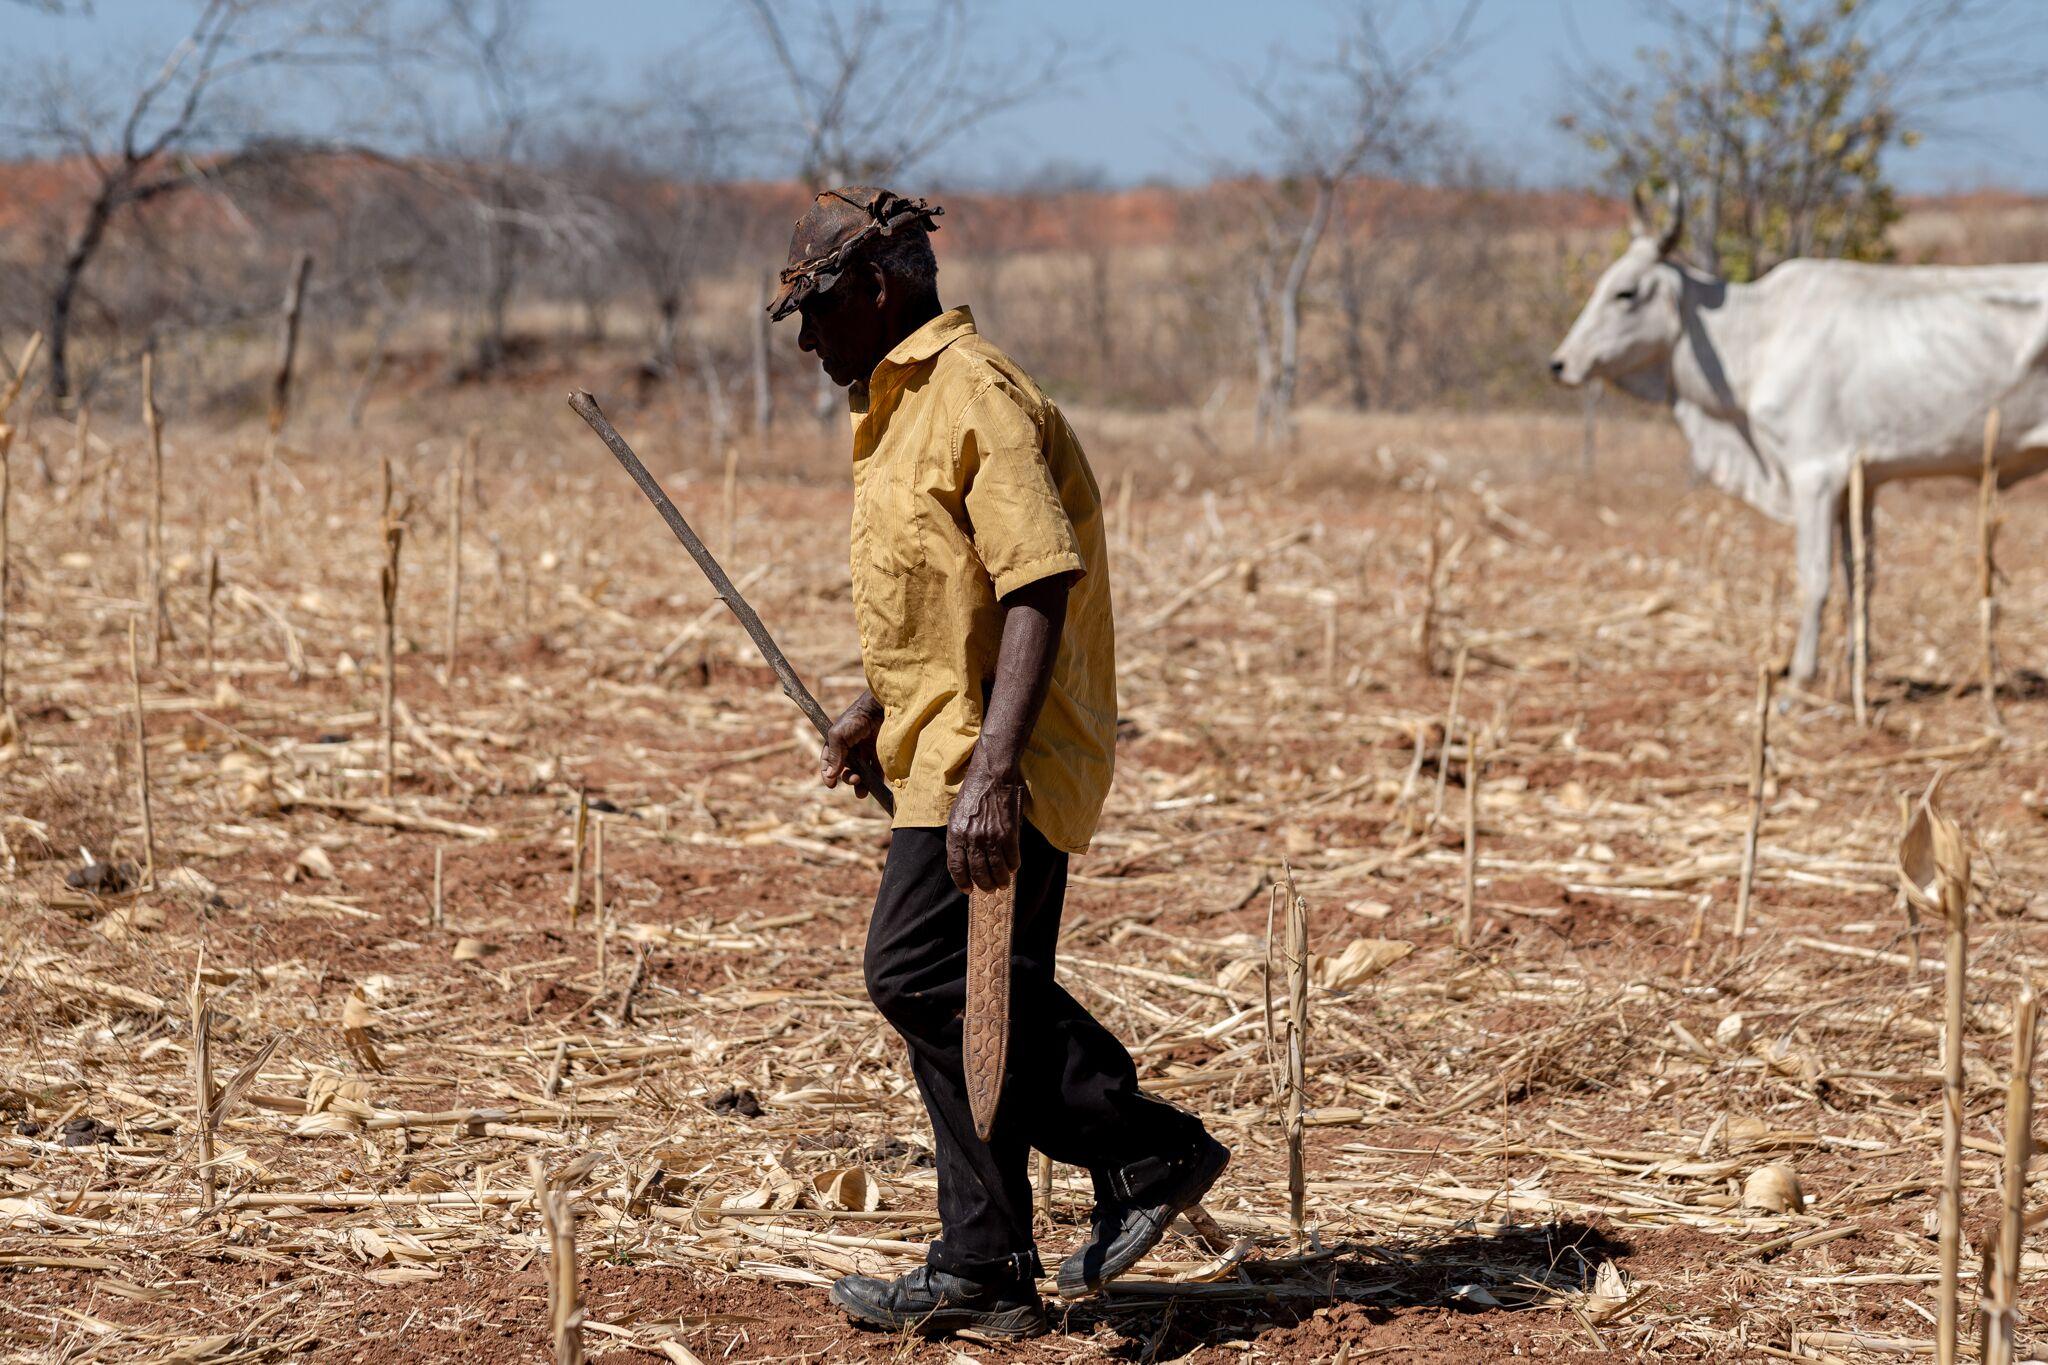 Zé Capenga e seu inseparável instrumento de trabalho, o facão. Ele vive da pequena roça, que só dá milho e mandioca, e de 30 cabeças de gado. Foto de Márcio Pimenta